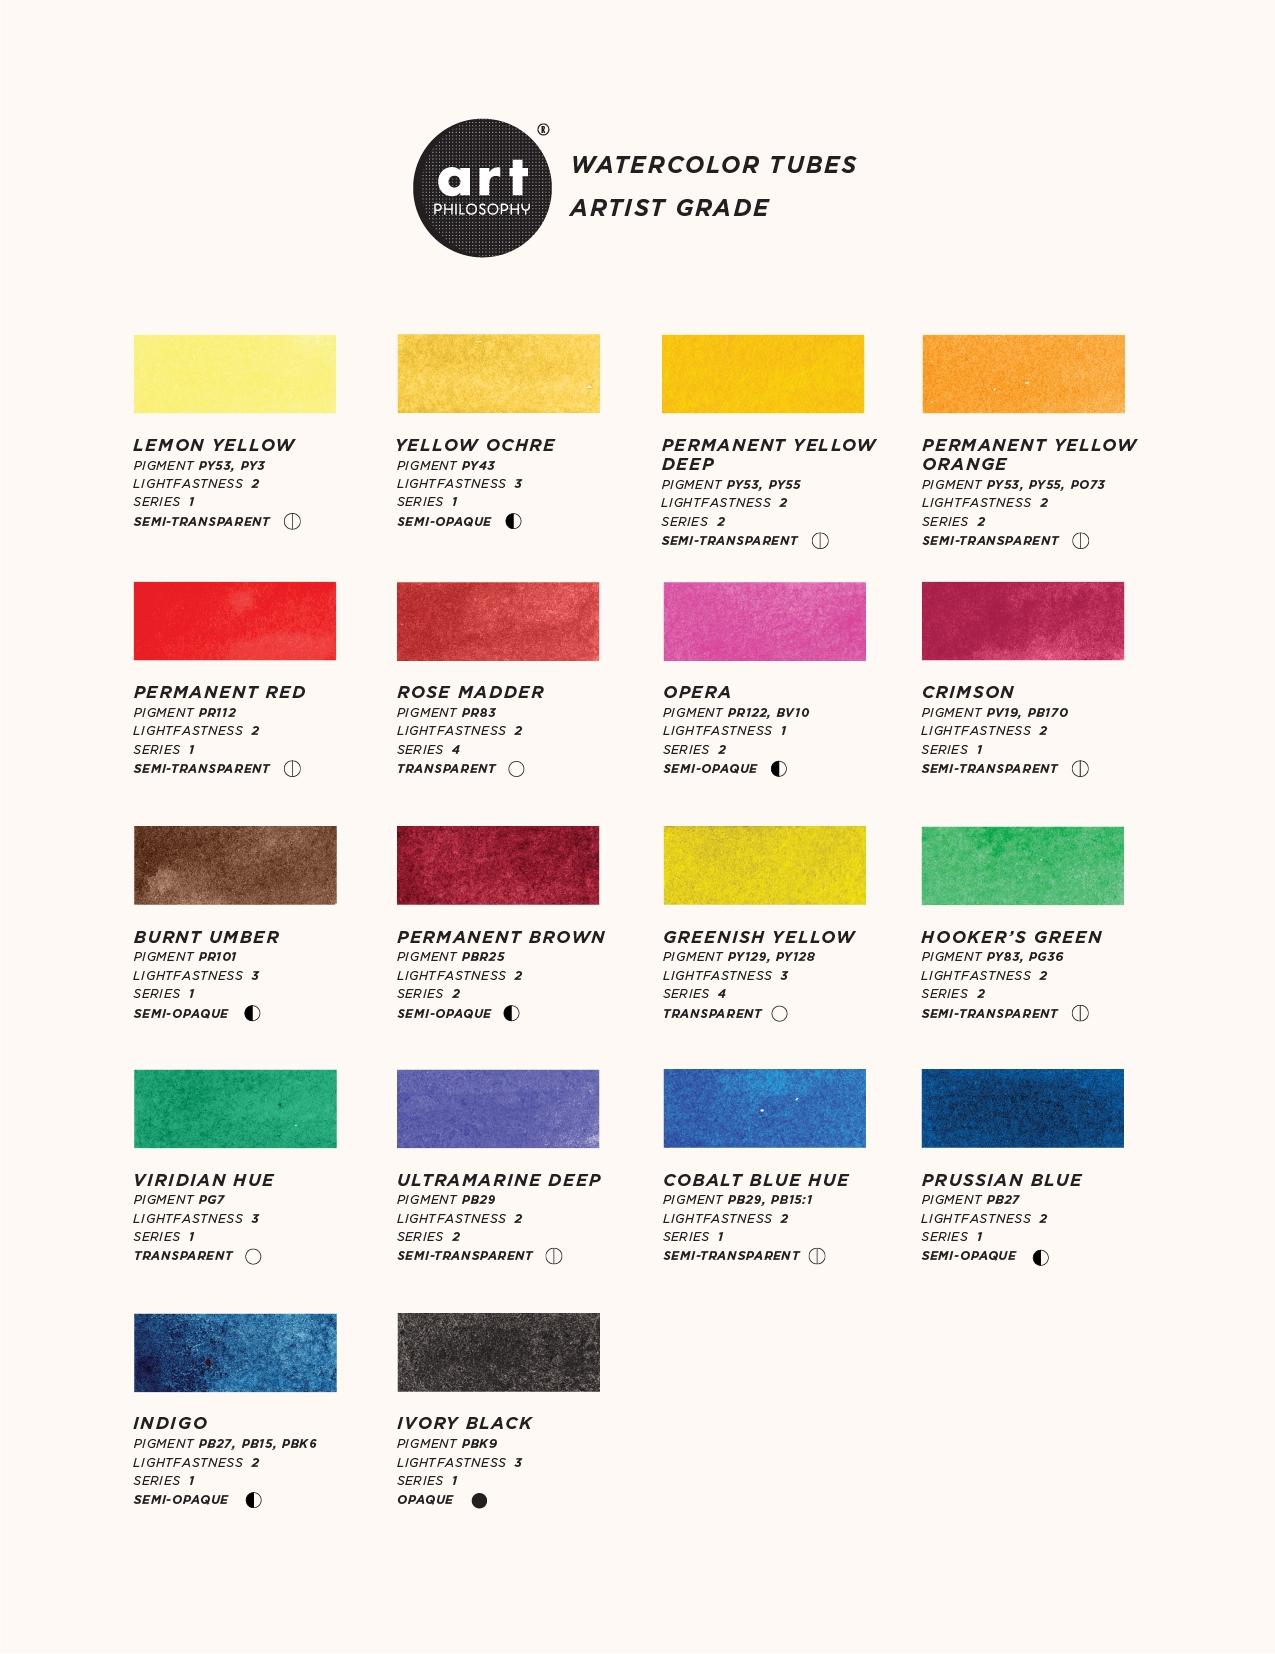 Watercolor Tubes - colors palette